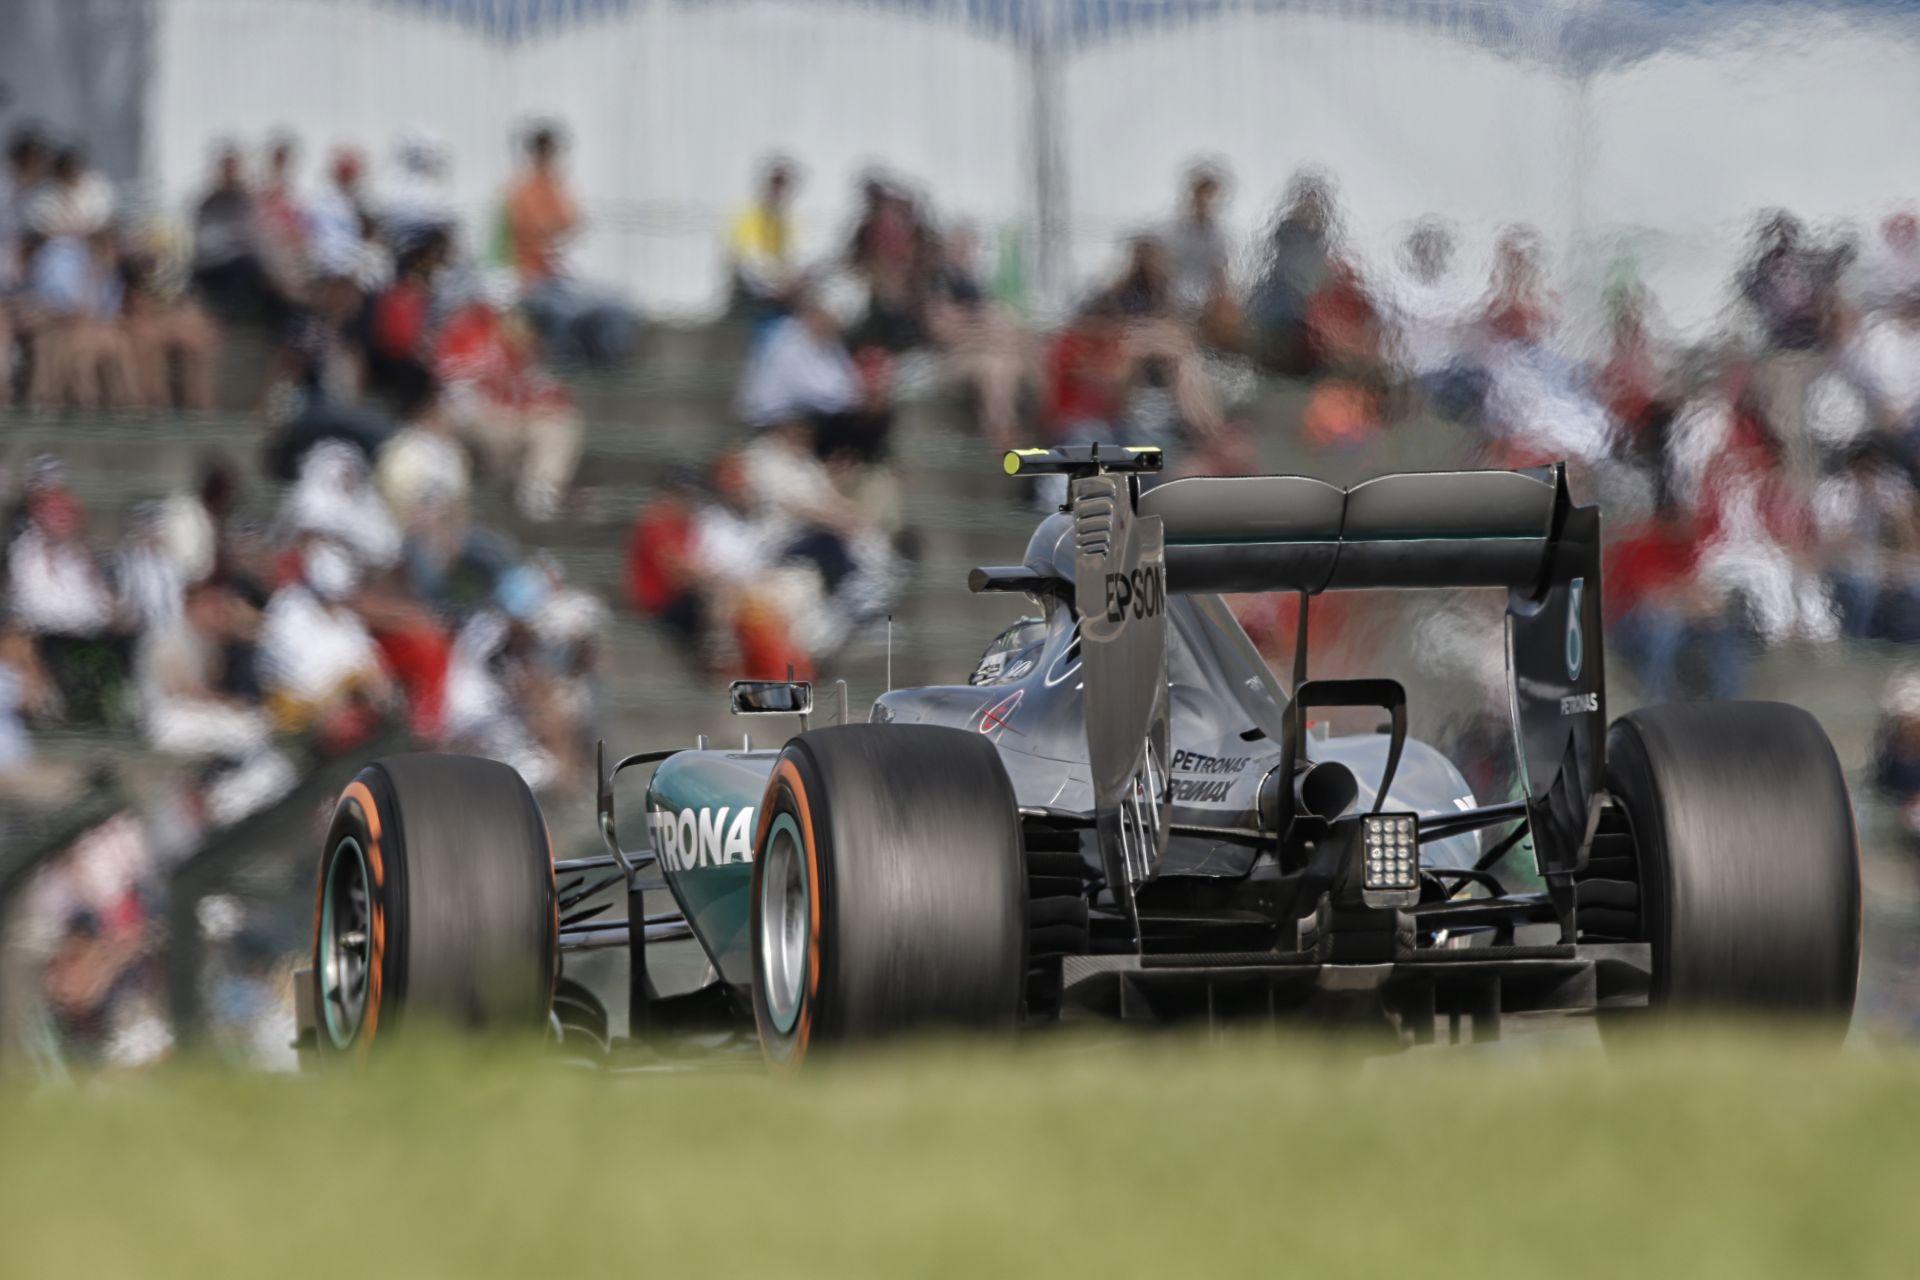 Mercedes: Mennyire jó lenne, ha a szurkolók szavazhatnának, hogy ki mikor álljon ki a bokszba!